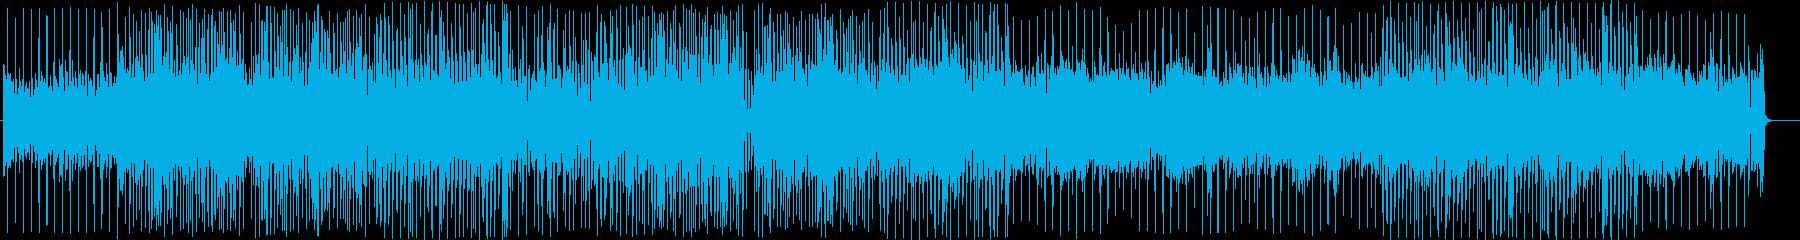 ナチュラル-軽快-フュージョン-街-PVの再生済みの波形